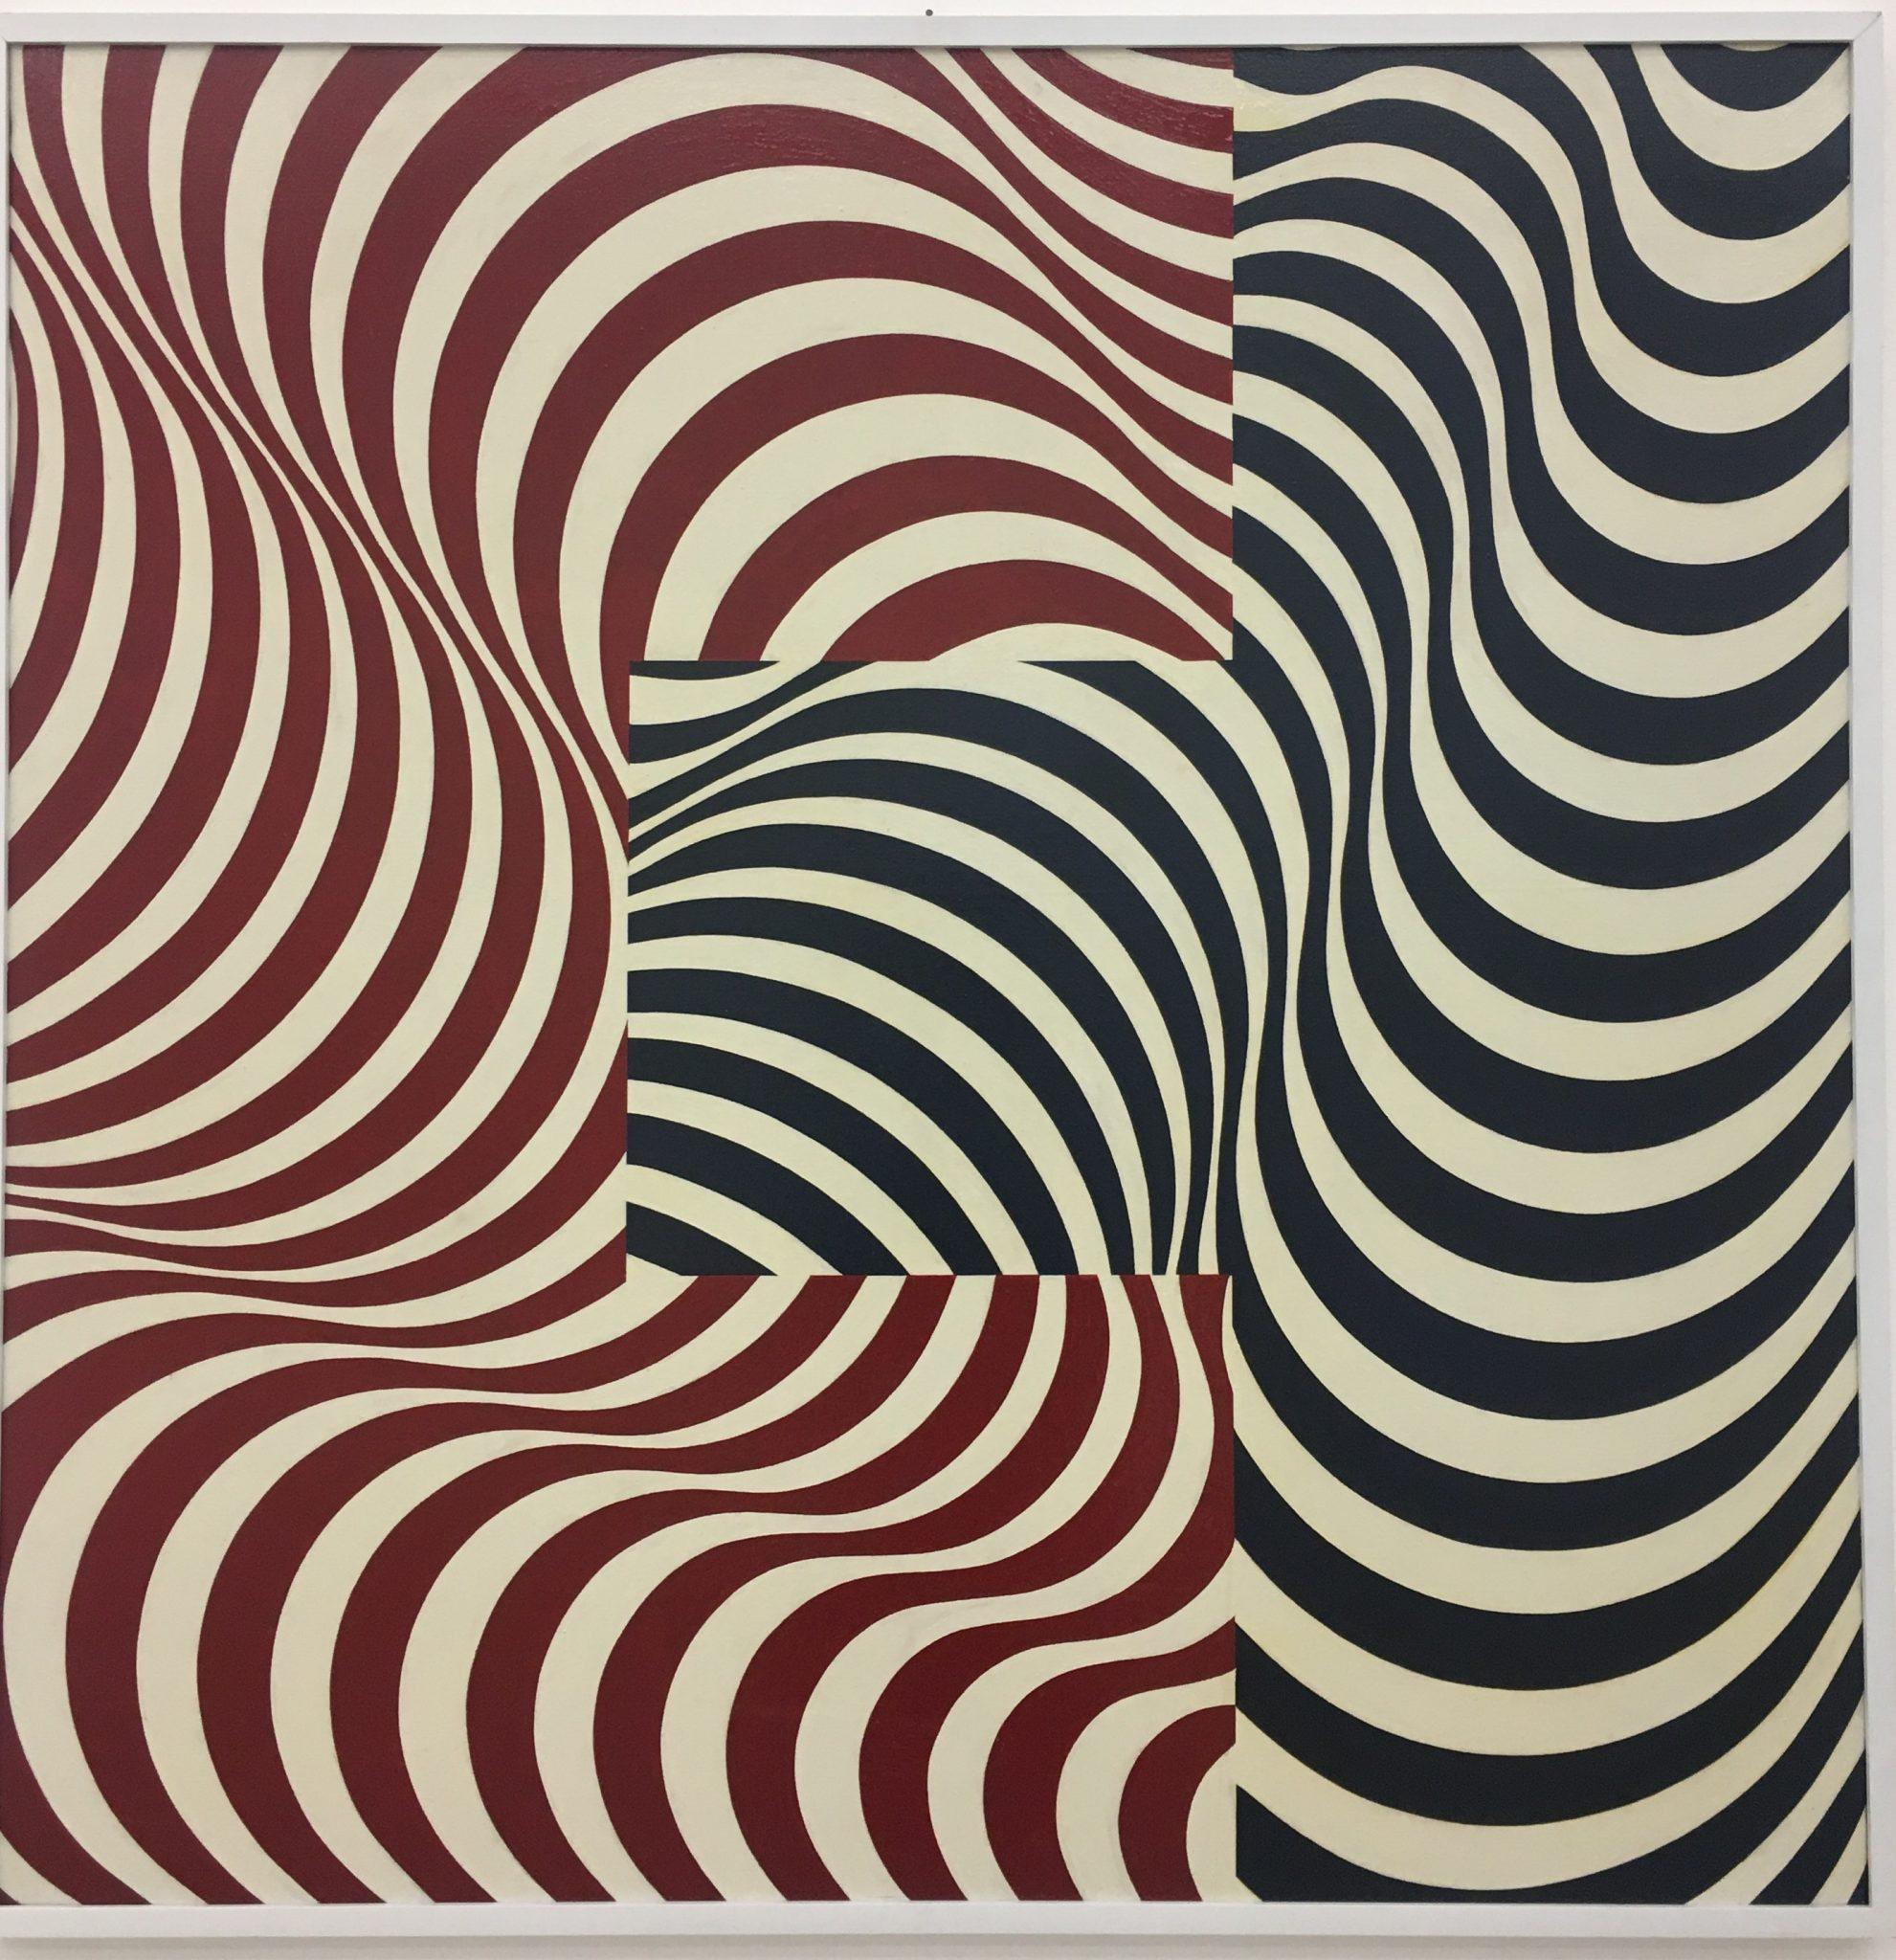 La fenomenologia della visione in Franco Grignani. Arte, grafica e fotografia a Chiasso